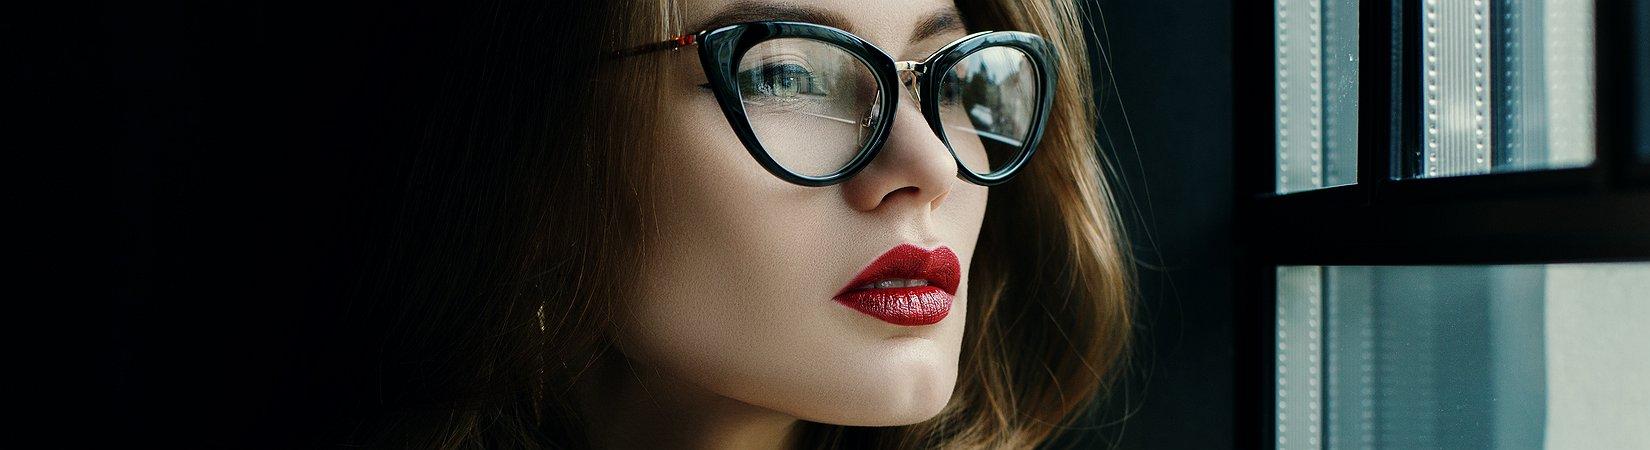 9 Dicas para parecer mais inteligente